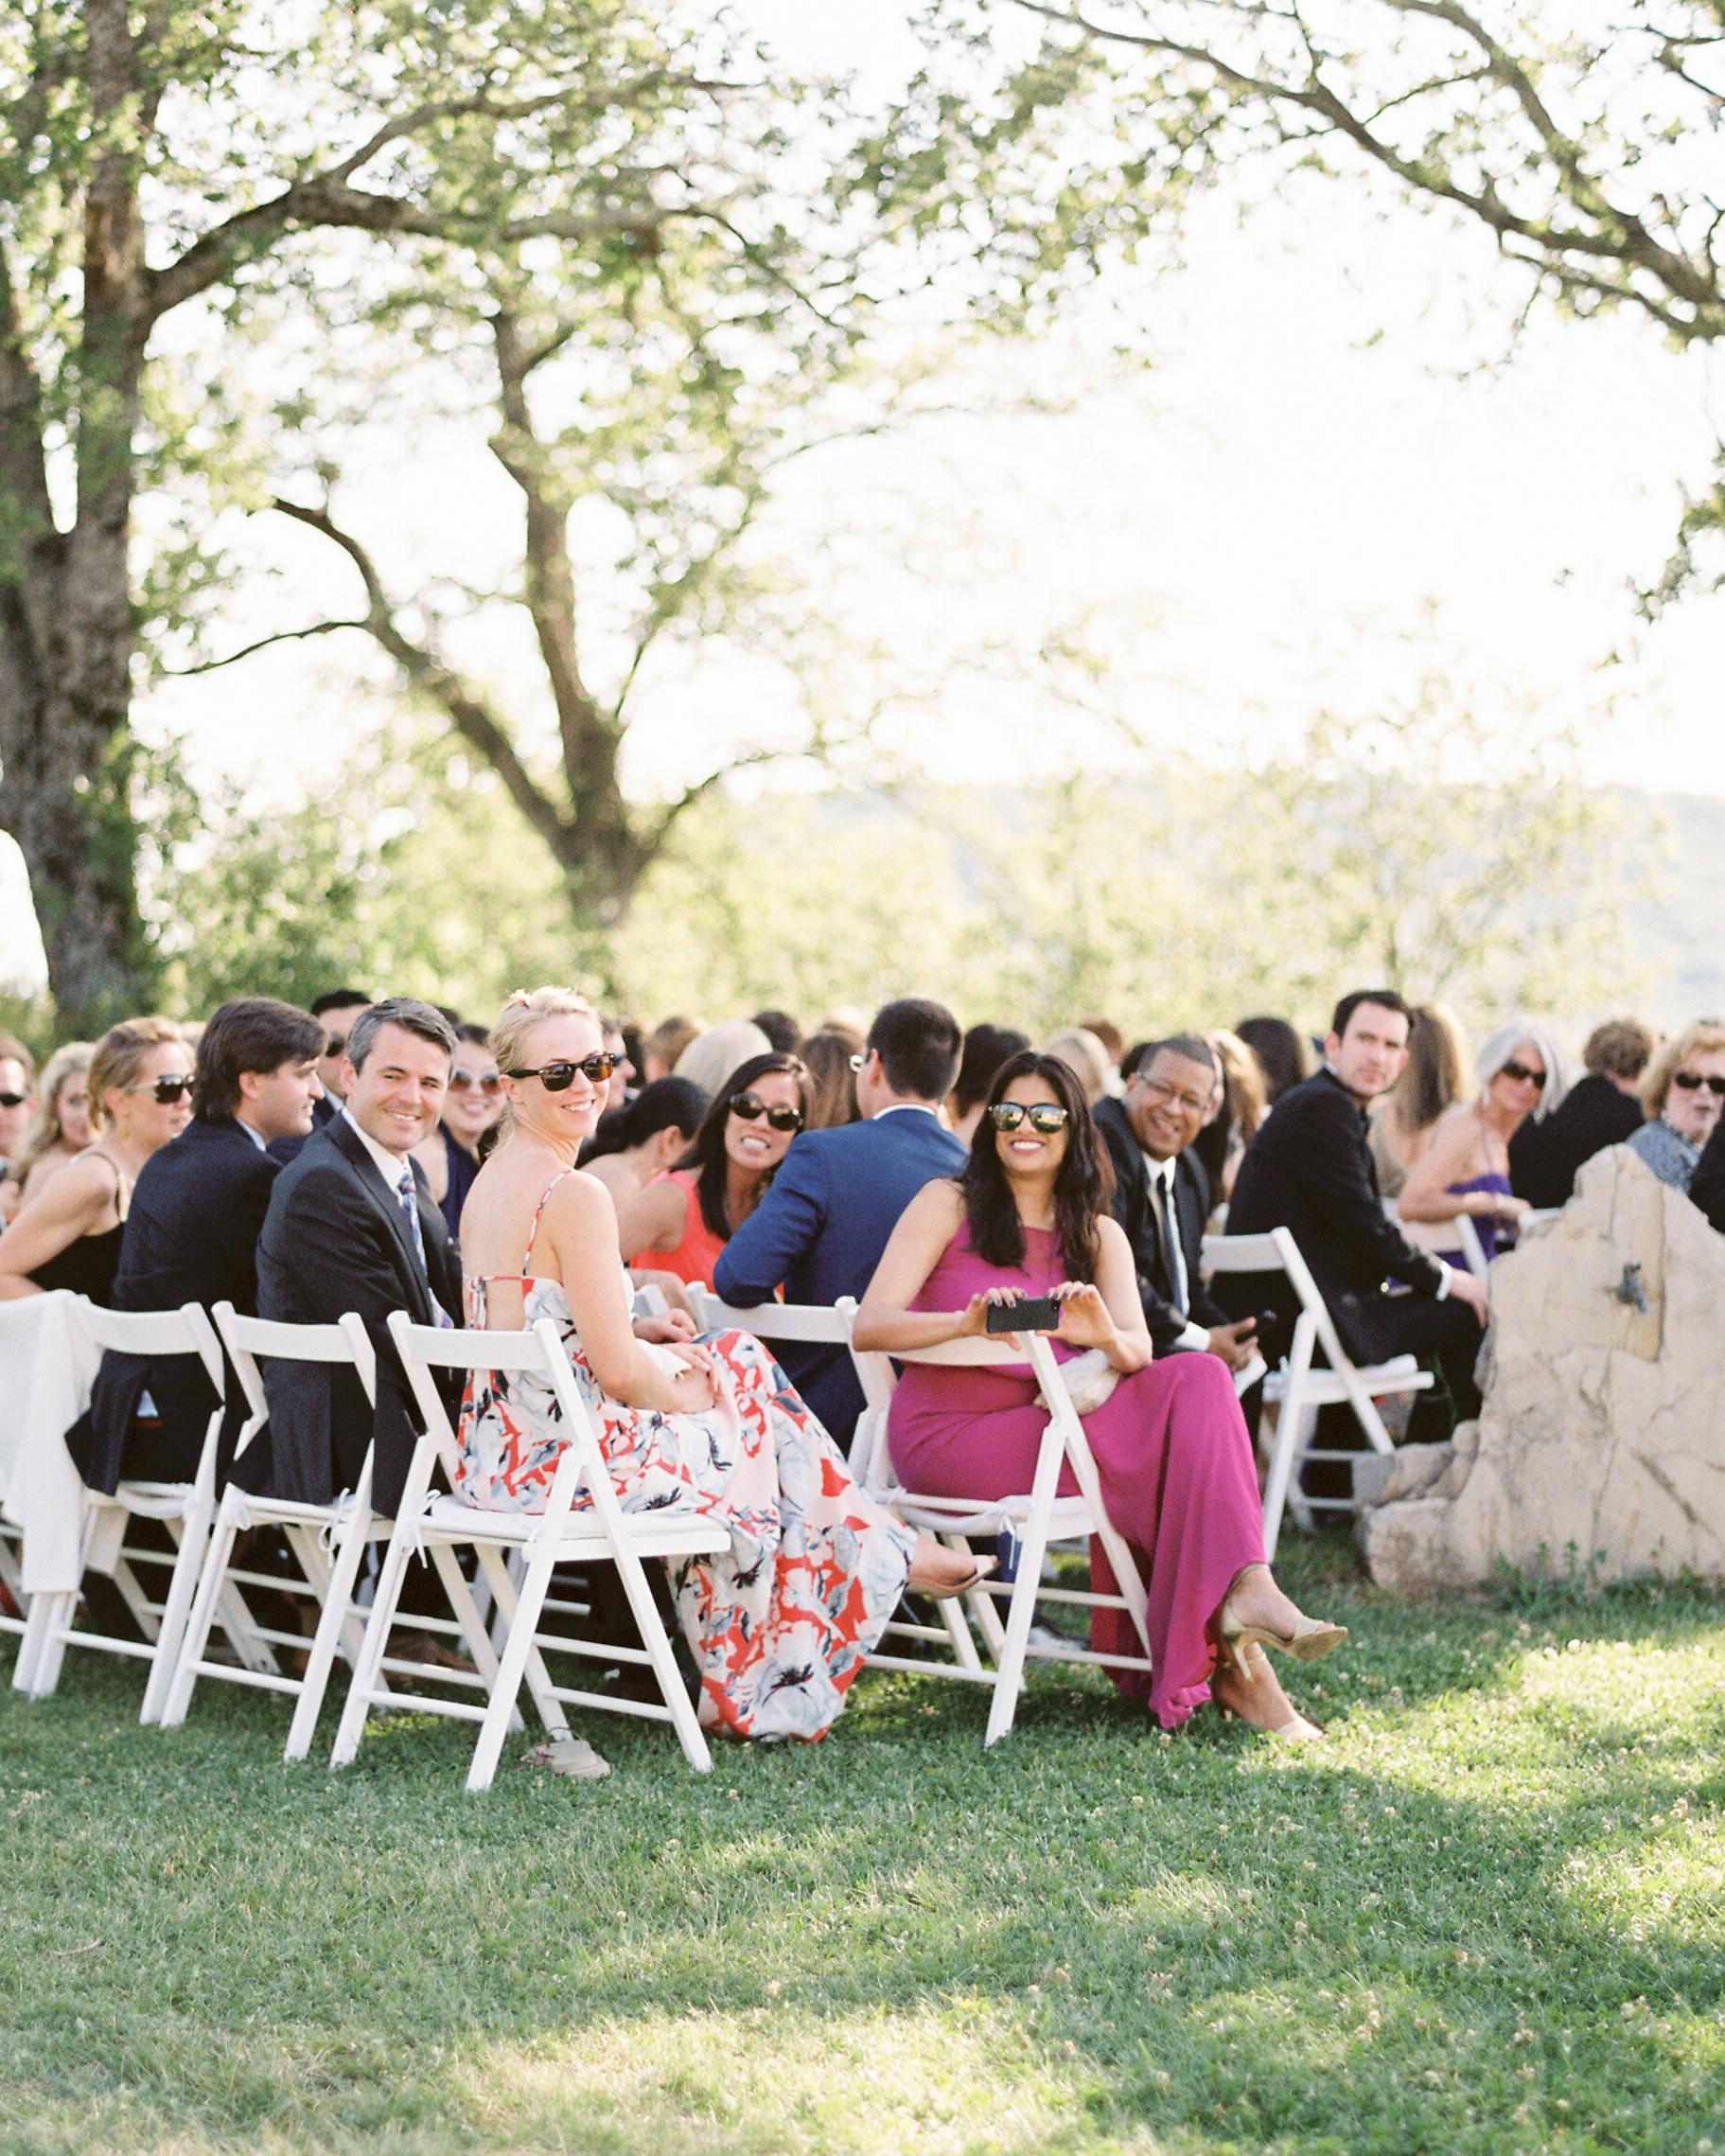 lauren-ollie-wedding-ceremony-203-s111895-0515.jpg